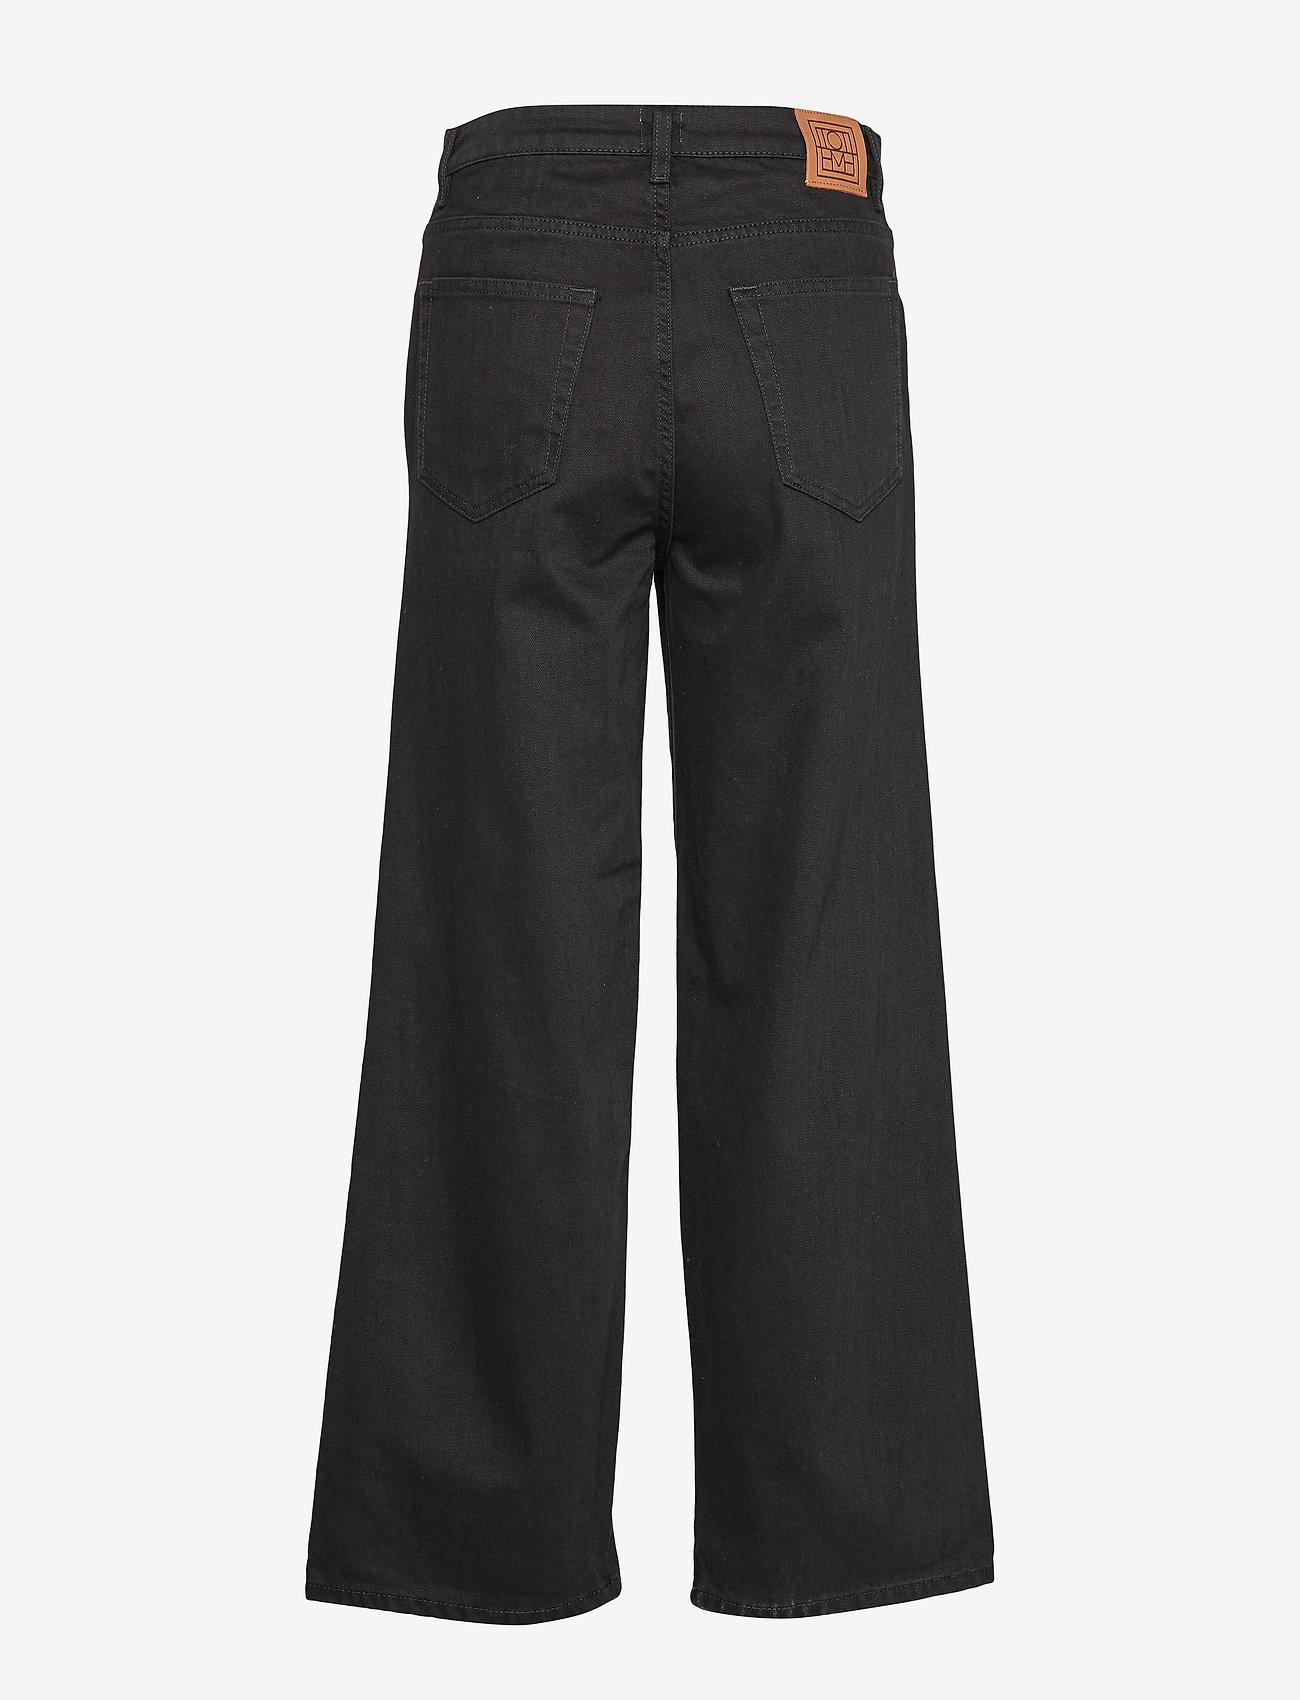 Totême - FLAIR DENIM - broeken met wijde pijpen - black rinse 290 - 1